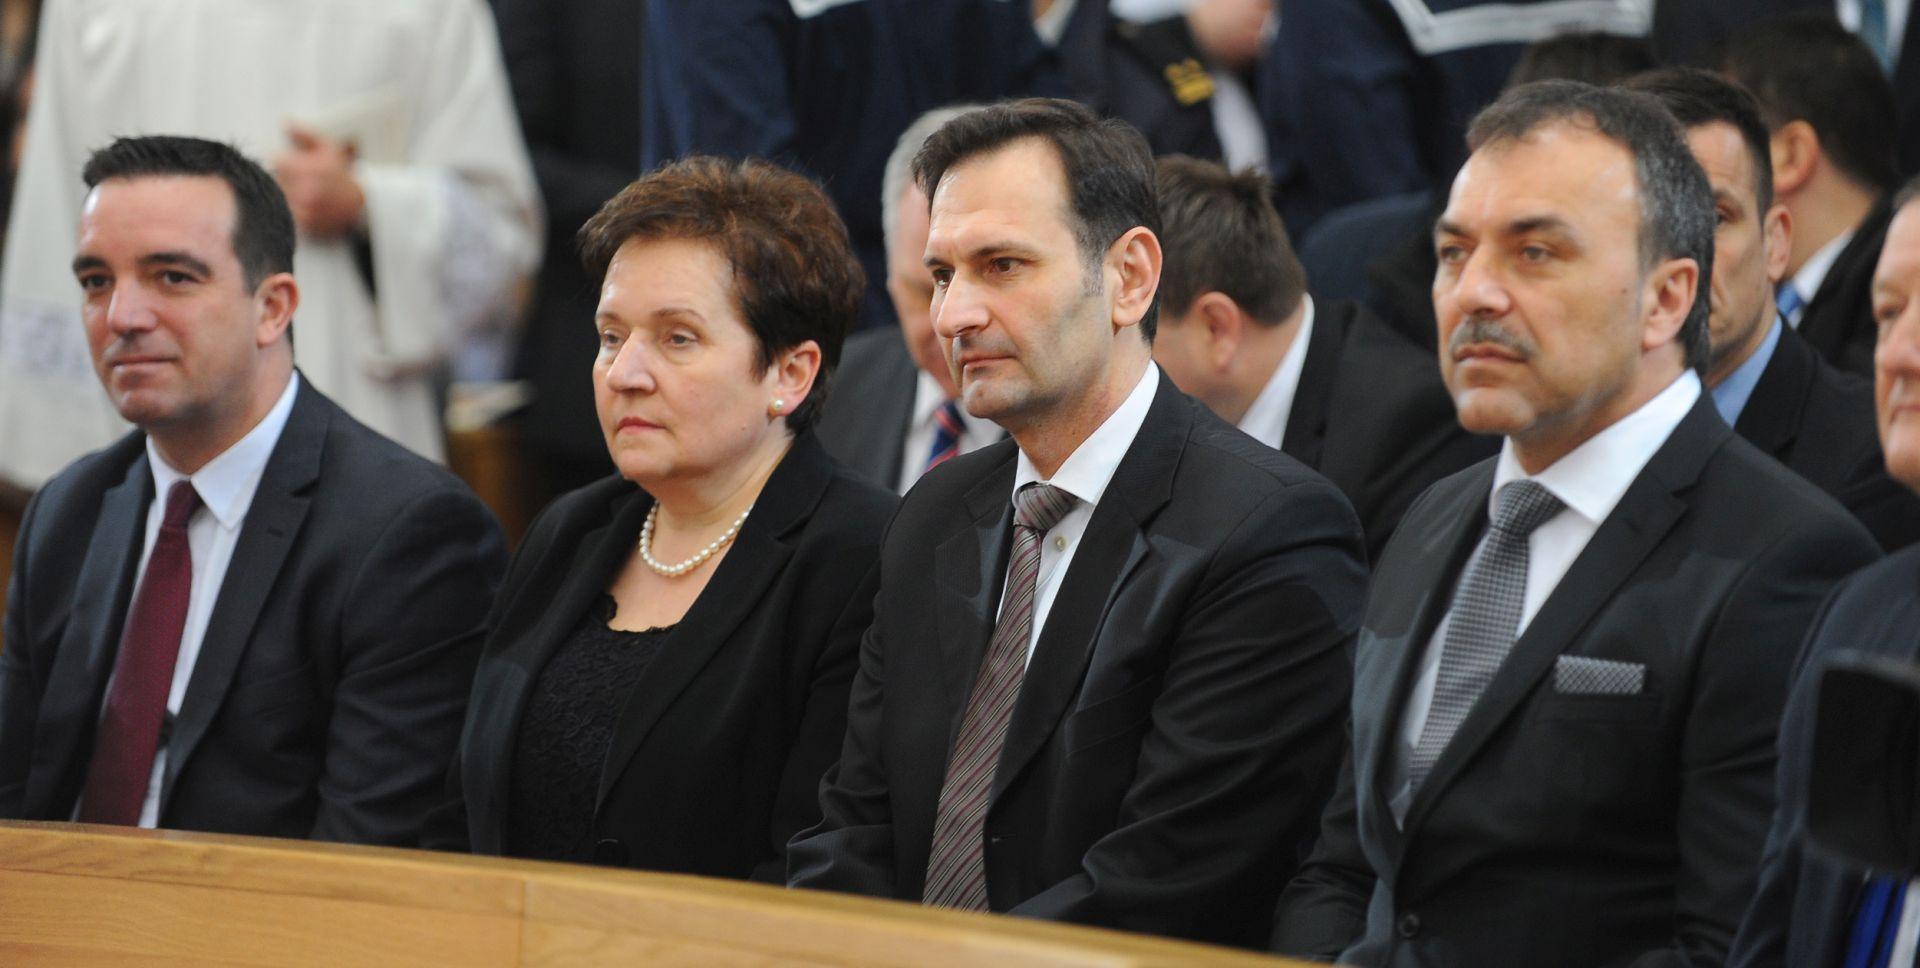 Ministar Kovač: Dobro surađujemo sa Svetom Stolicom